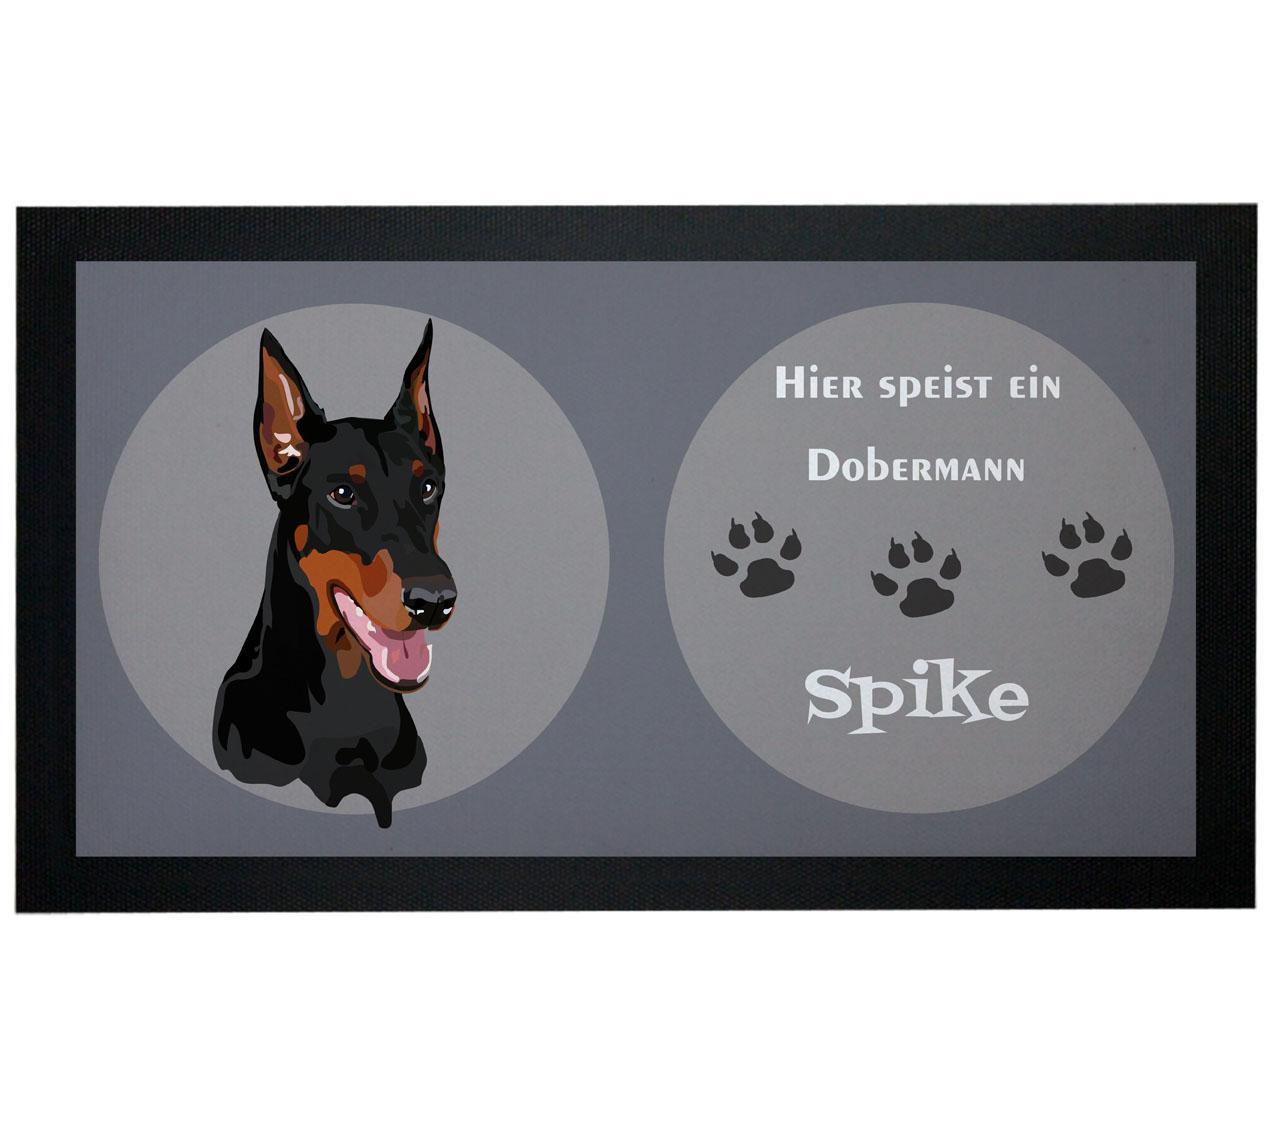 Napfunterlage Hund Dobermann mit Name